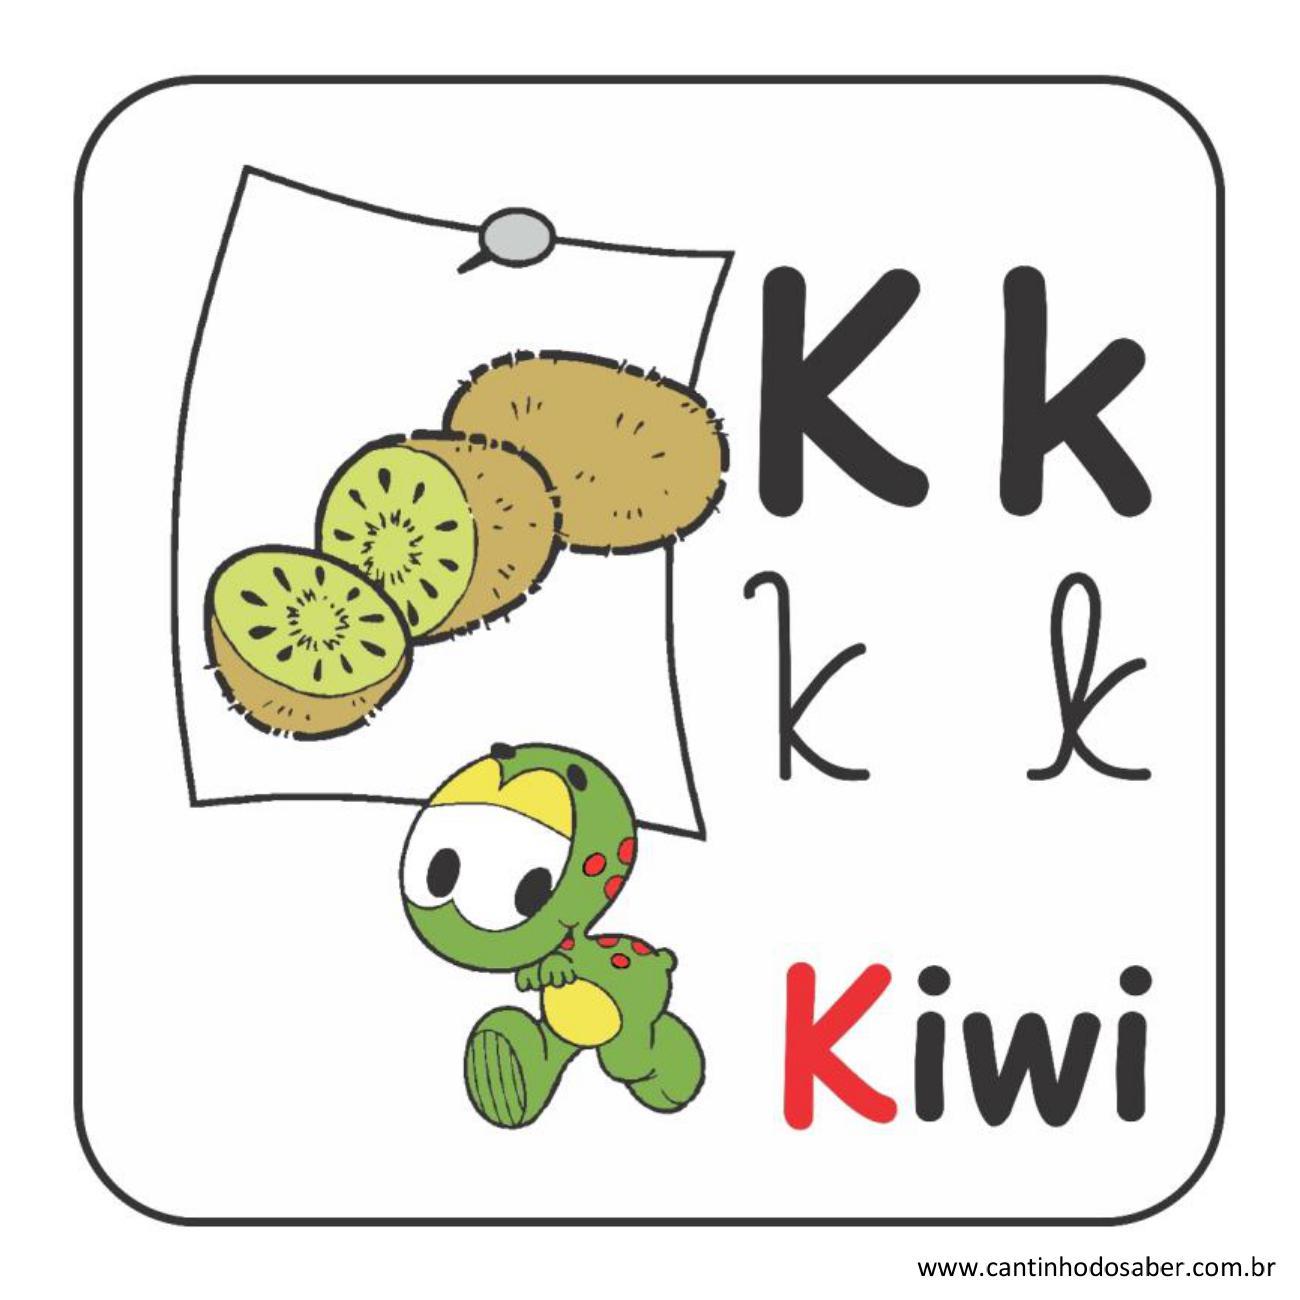 Alfabeto da turma da mônica em letra bastão e cursiva letra k